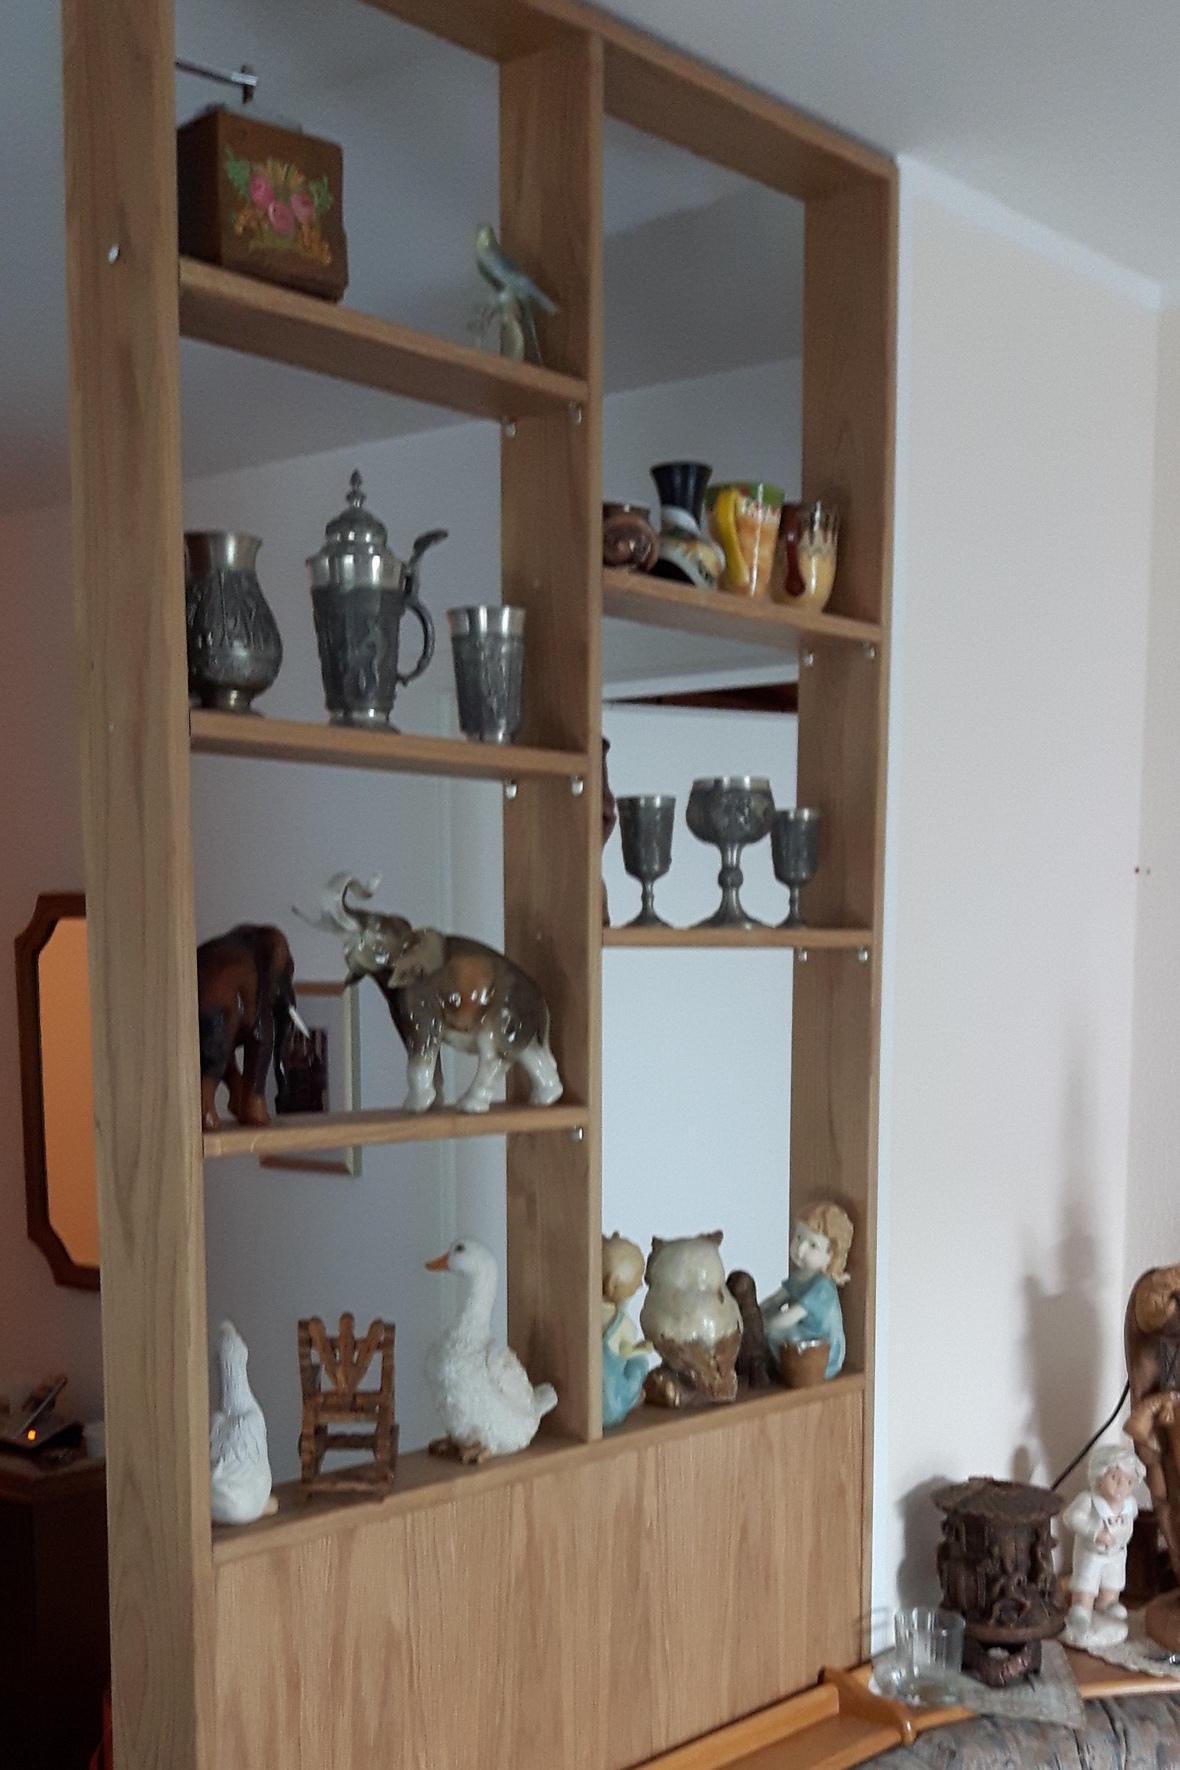 raumteiler wildeiche amazing bcherregal sonoma eiche raumteiler regal with raumteiler wildeiche. Black Bedroom Furniture Sets. Home Design Ideas